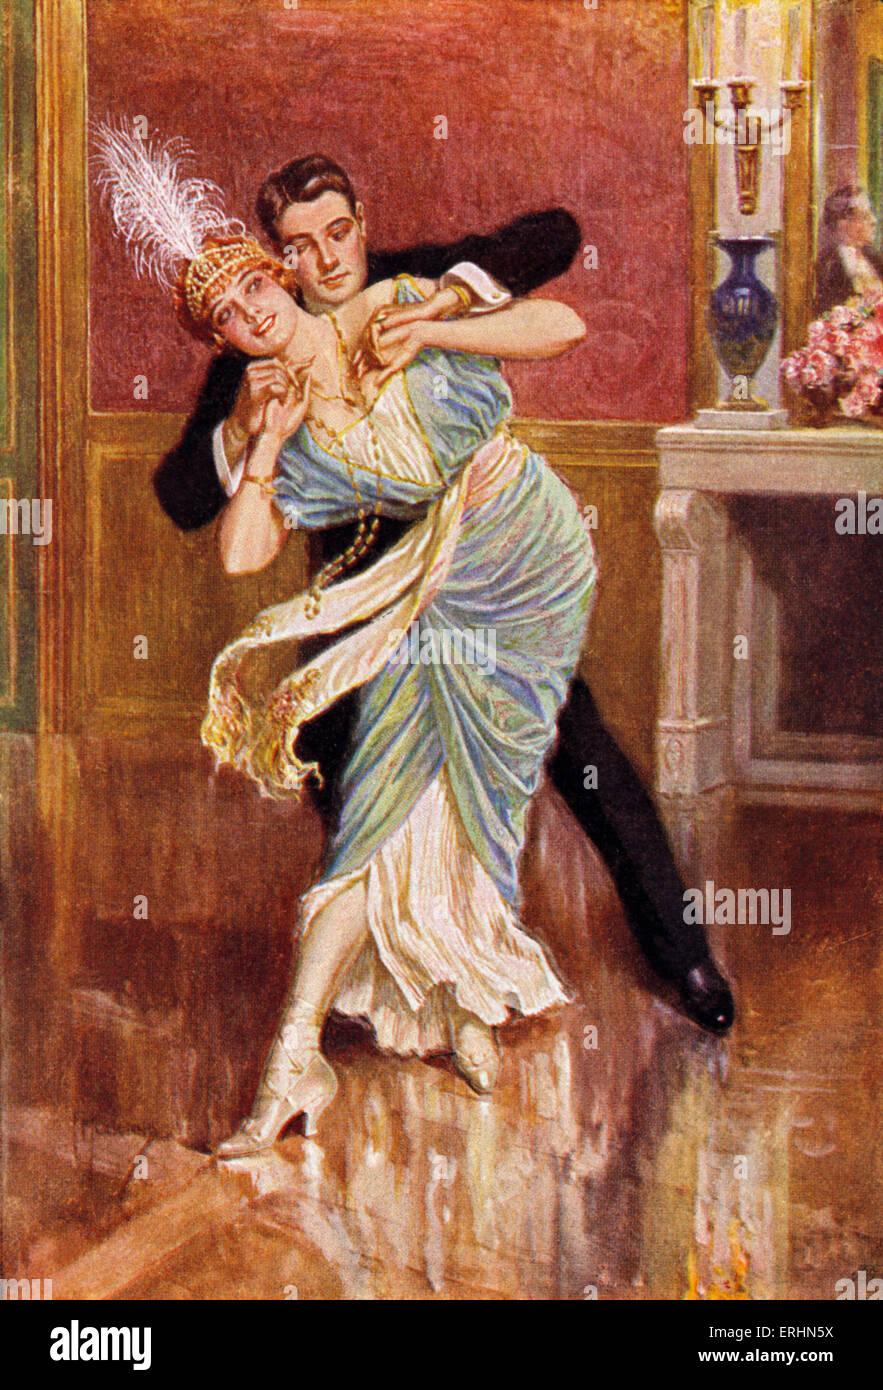 Couple dancing à Vienne fin du xixe siècle femme porte une robe longue tête et collier de perles. Photo Stock